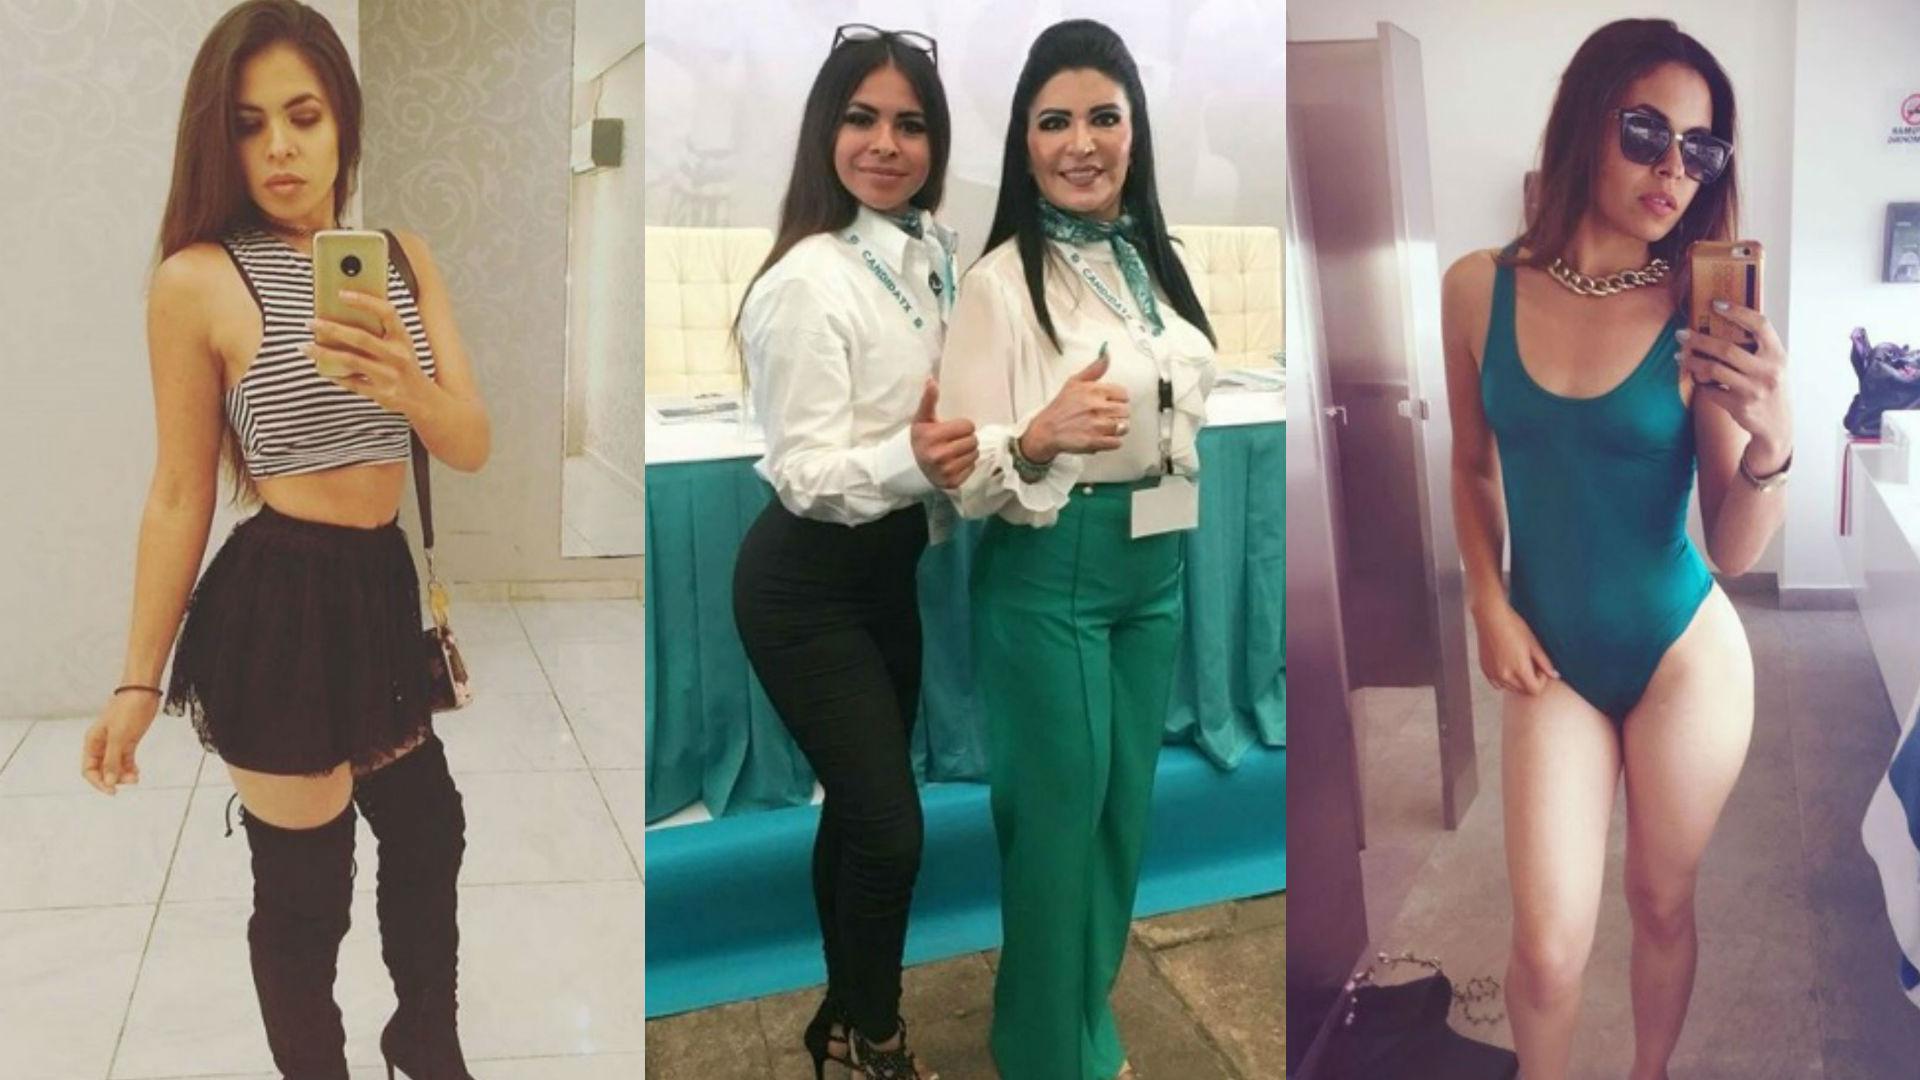 Ana Sofía Orellana más de uno votará por esta sexy candidata a diputada